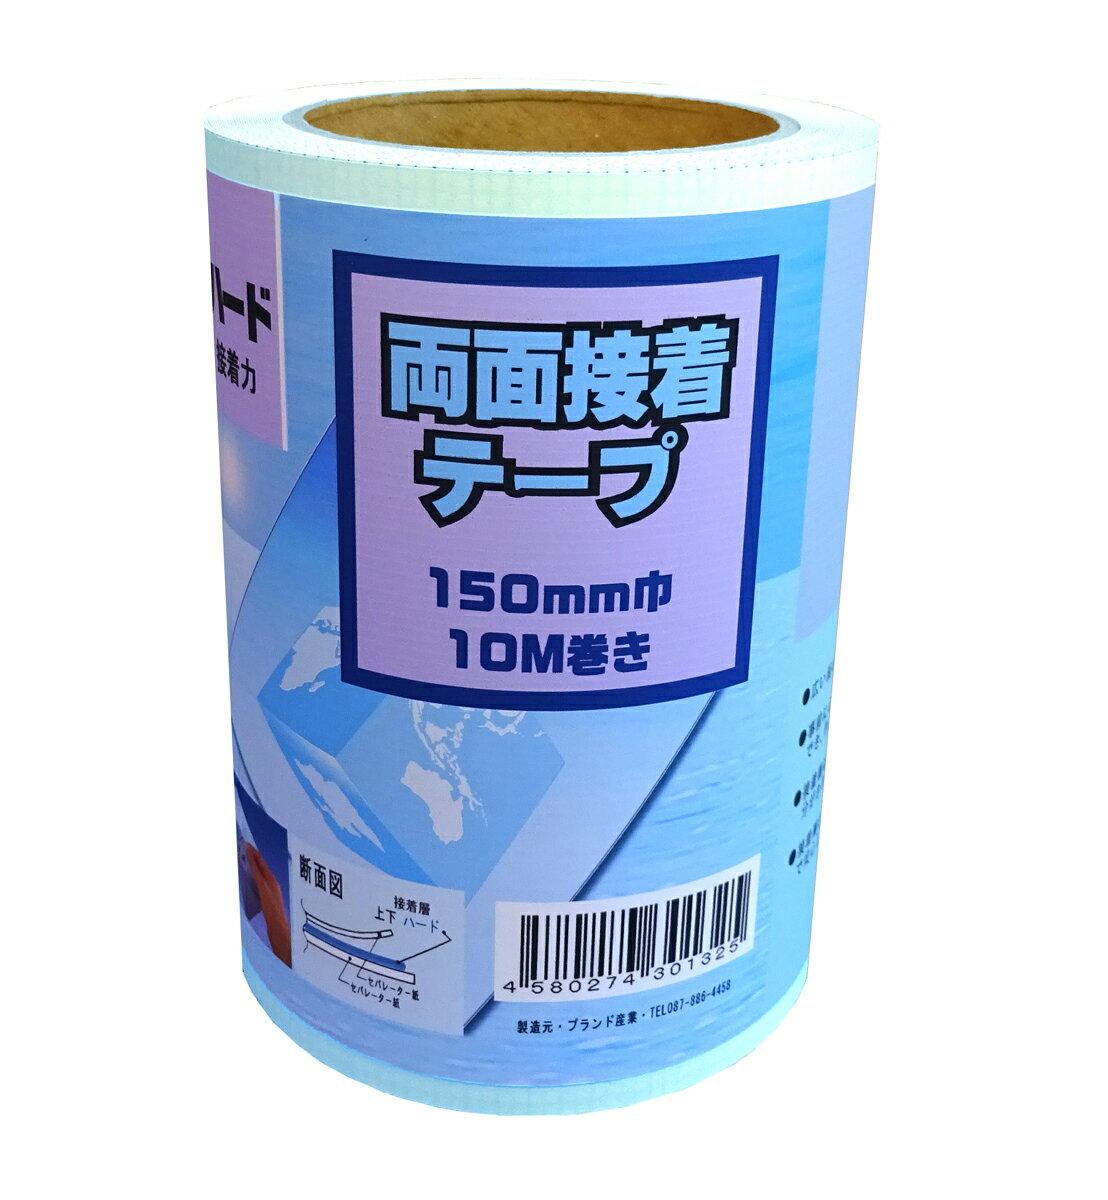 產品詳細資料,Japan Yahoo on behalf of the standard|Japanese shopping service|Japanese wholesale-ibuy99|両面接着テープ ロールタイプ 15cm幅10m巻               両面テープ  接着シ…